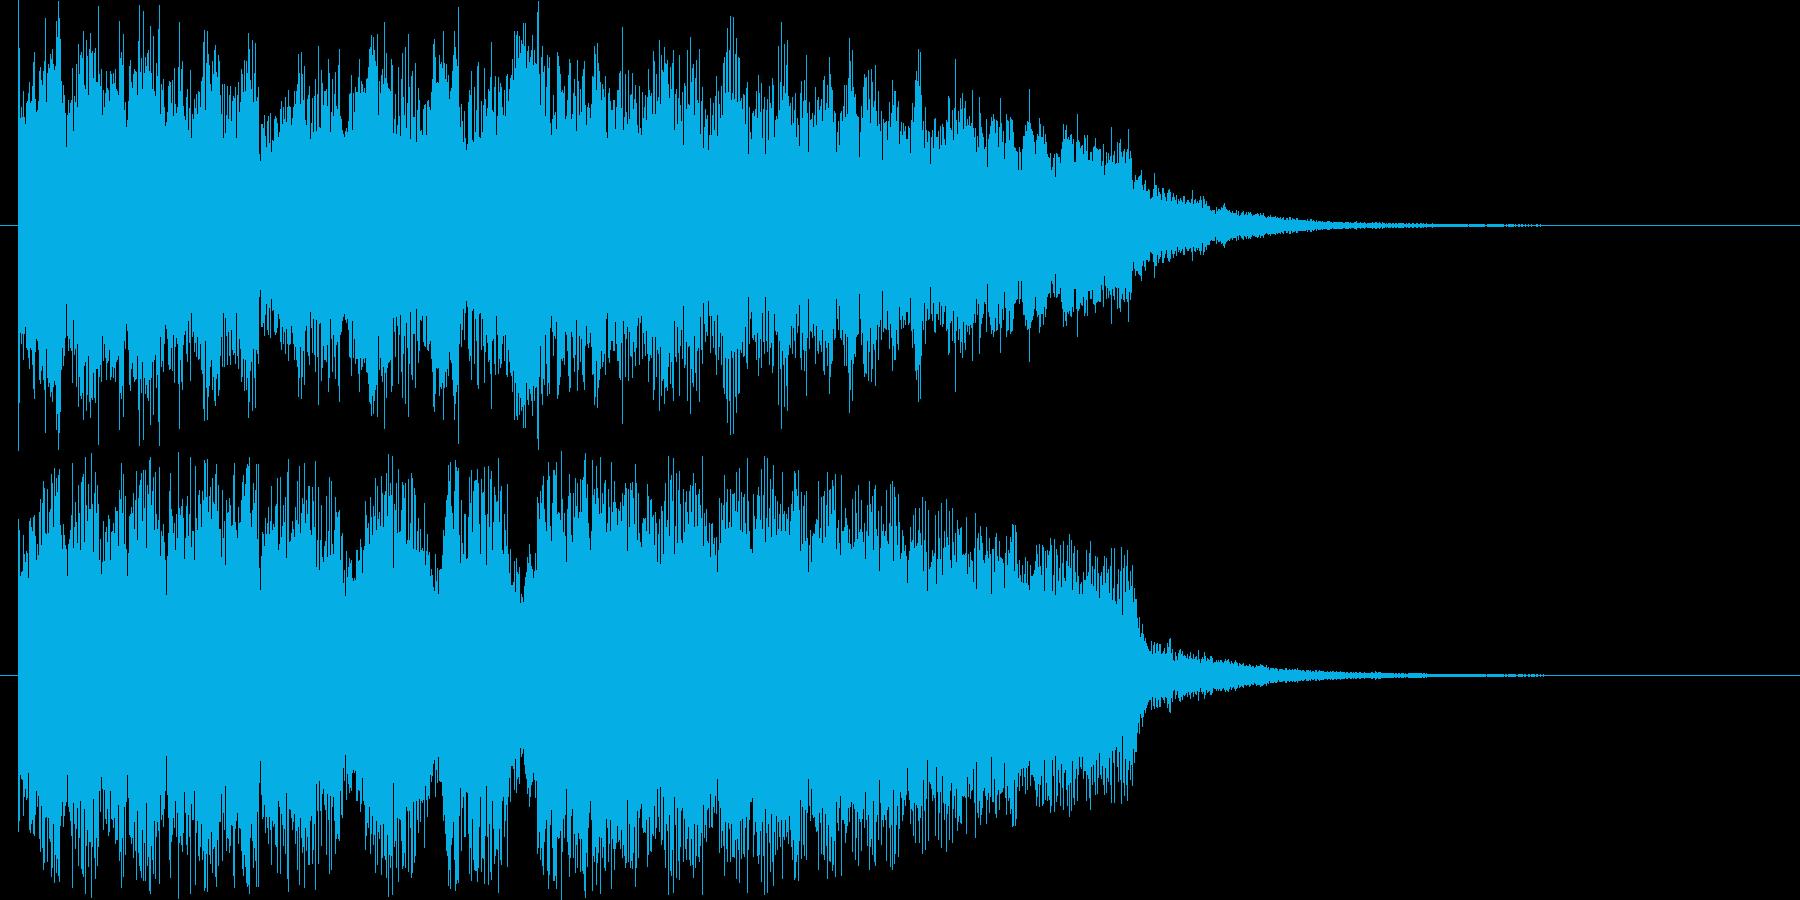 勢いのあるジングル曲の再生済みの波形